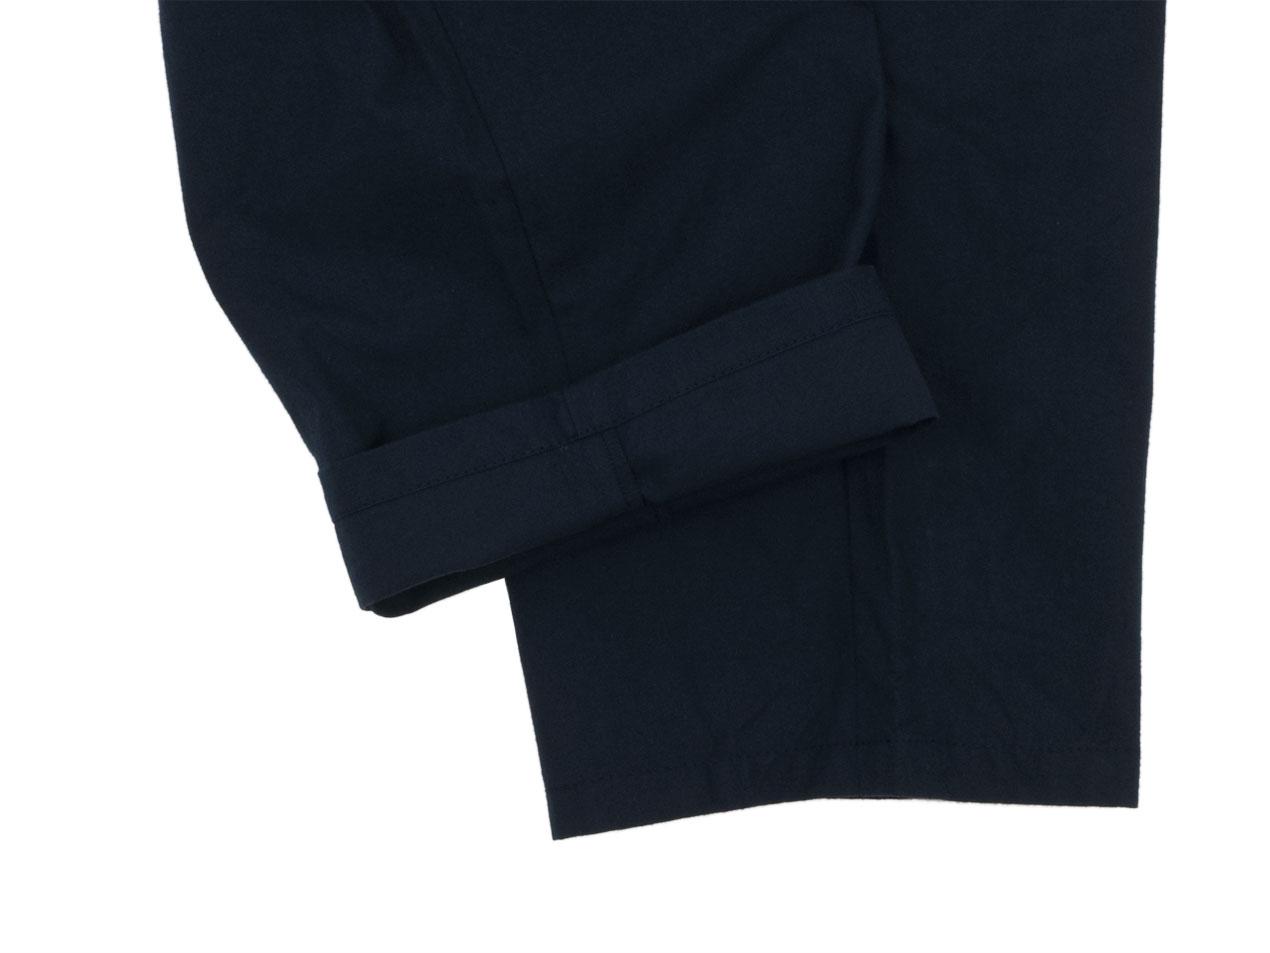 RINEN 40/2高密度平織 ラクパンツ